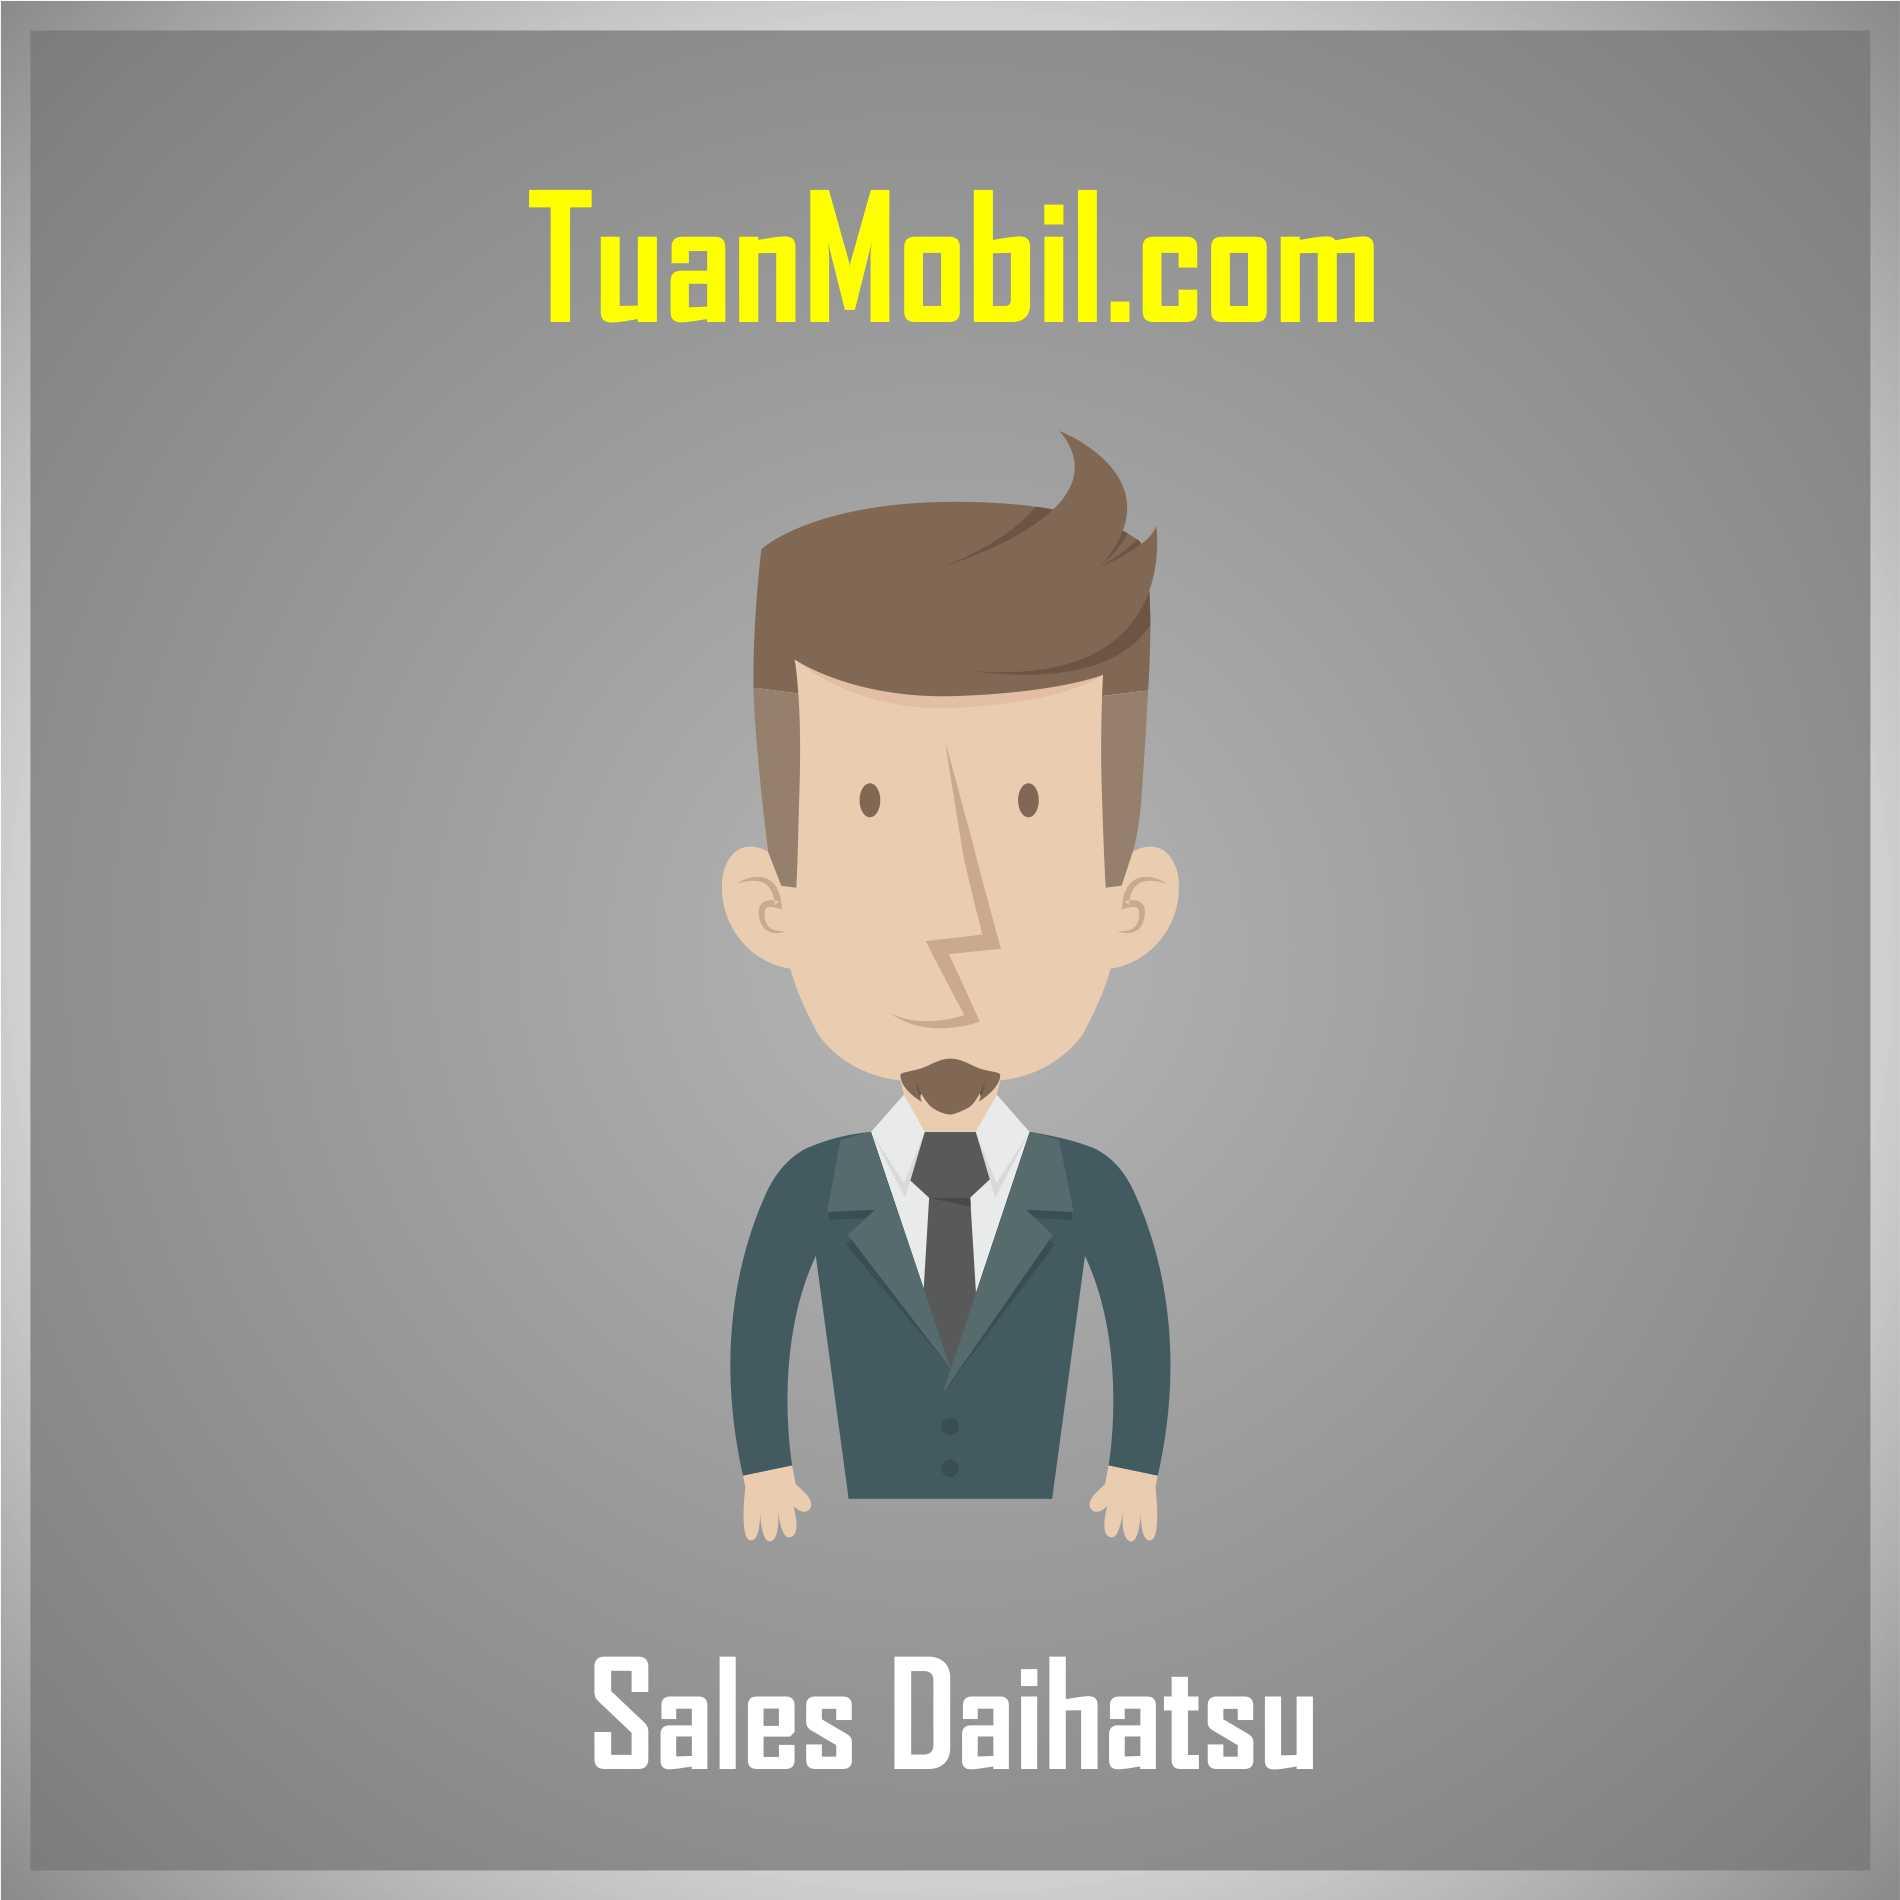 Sales Daihatsu kupang